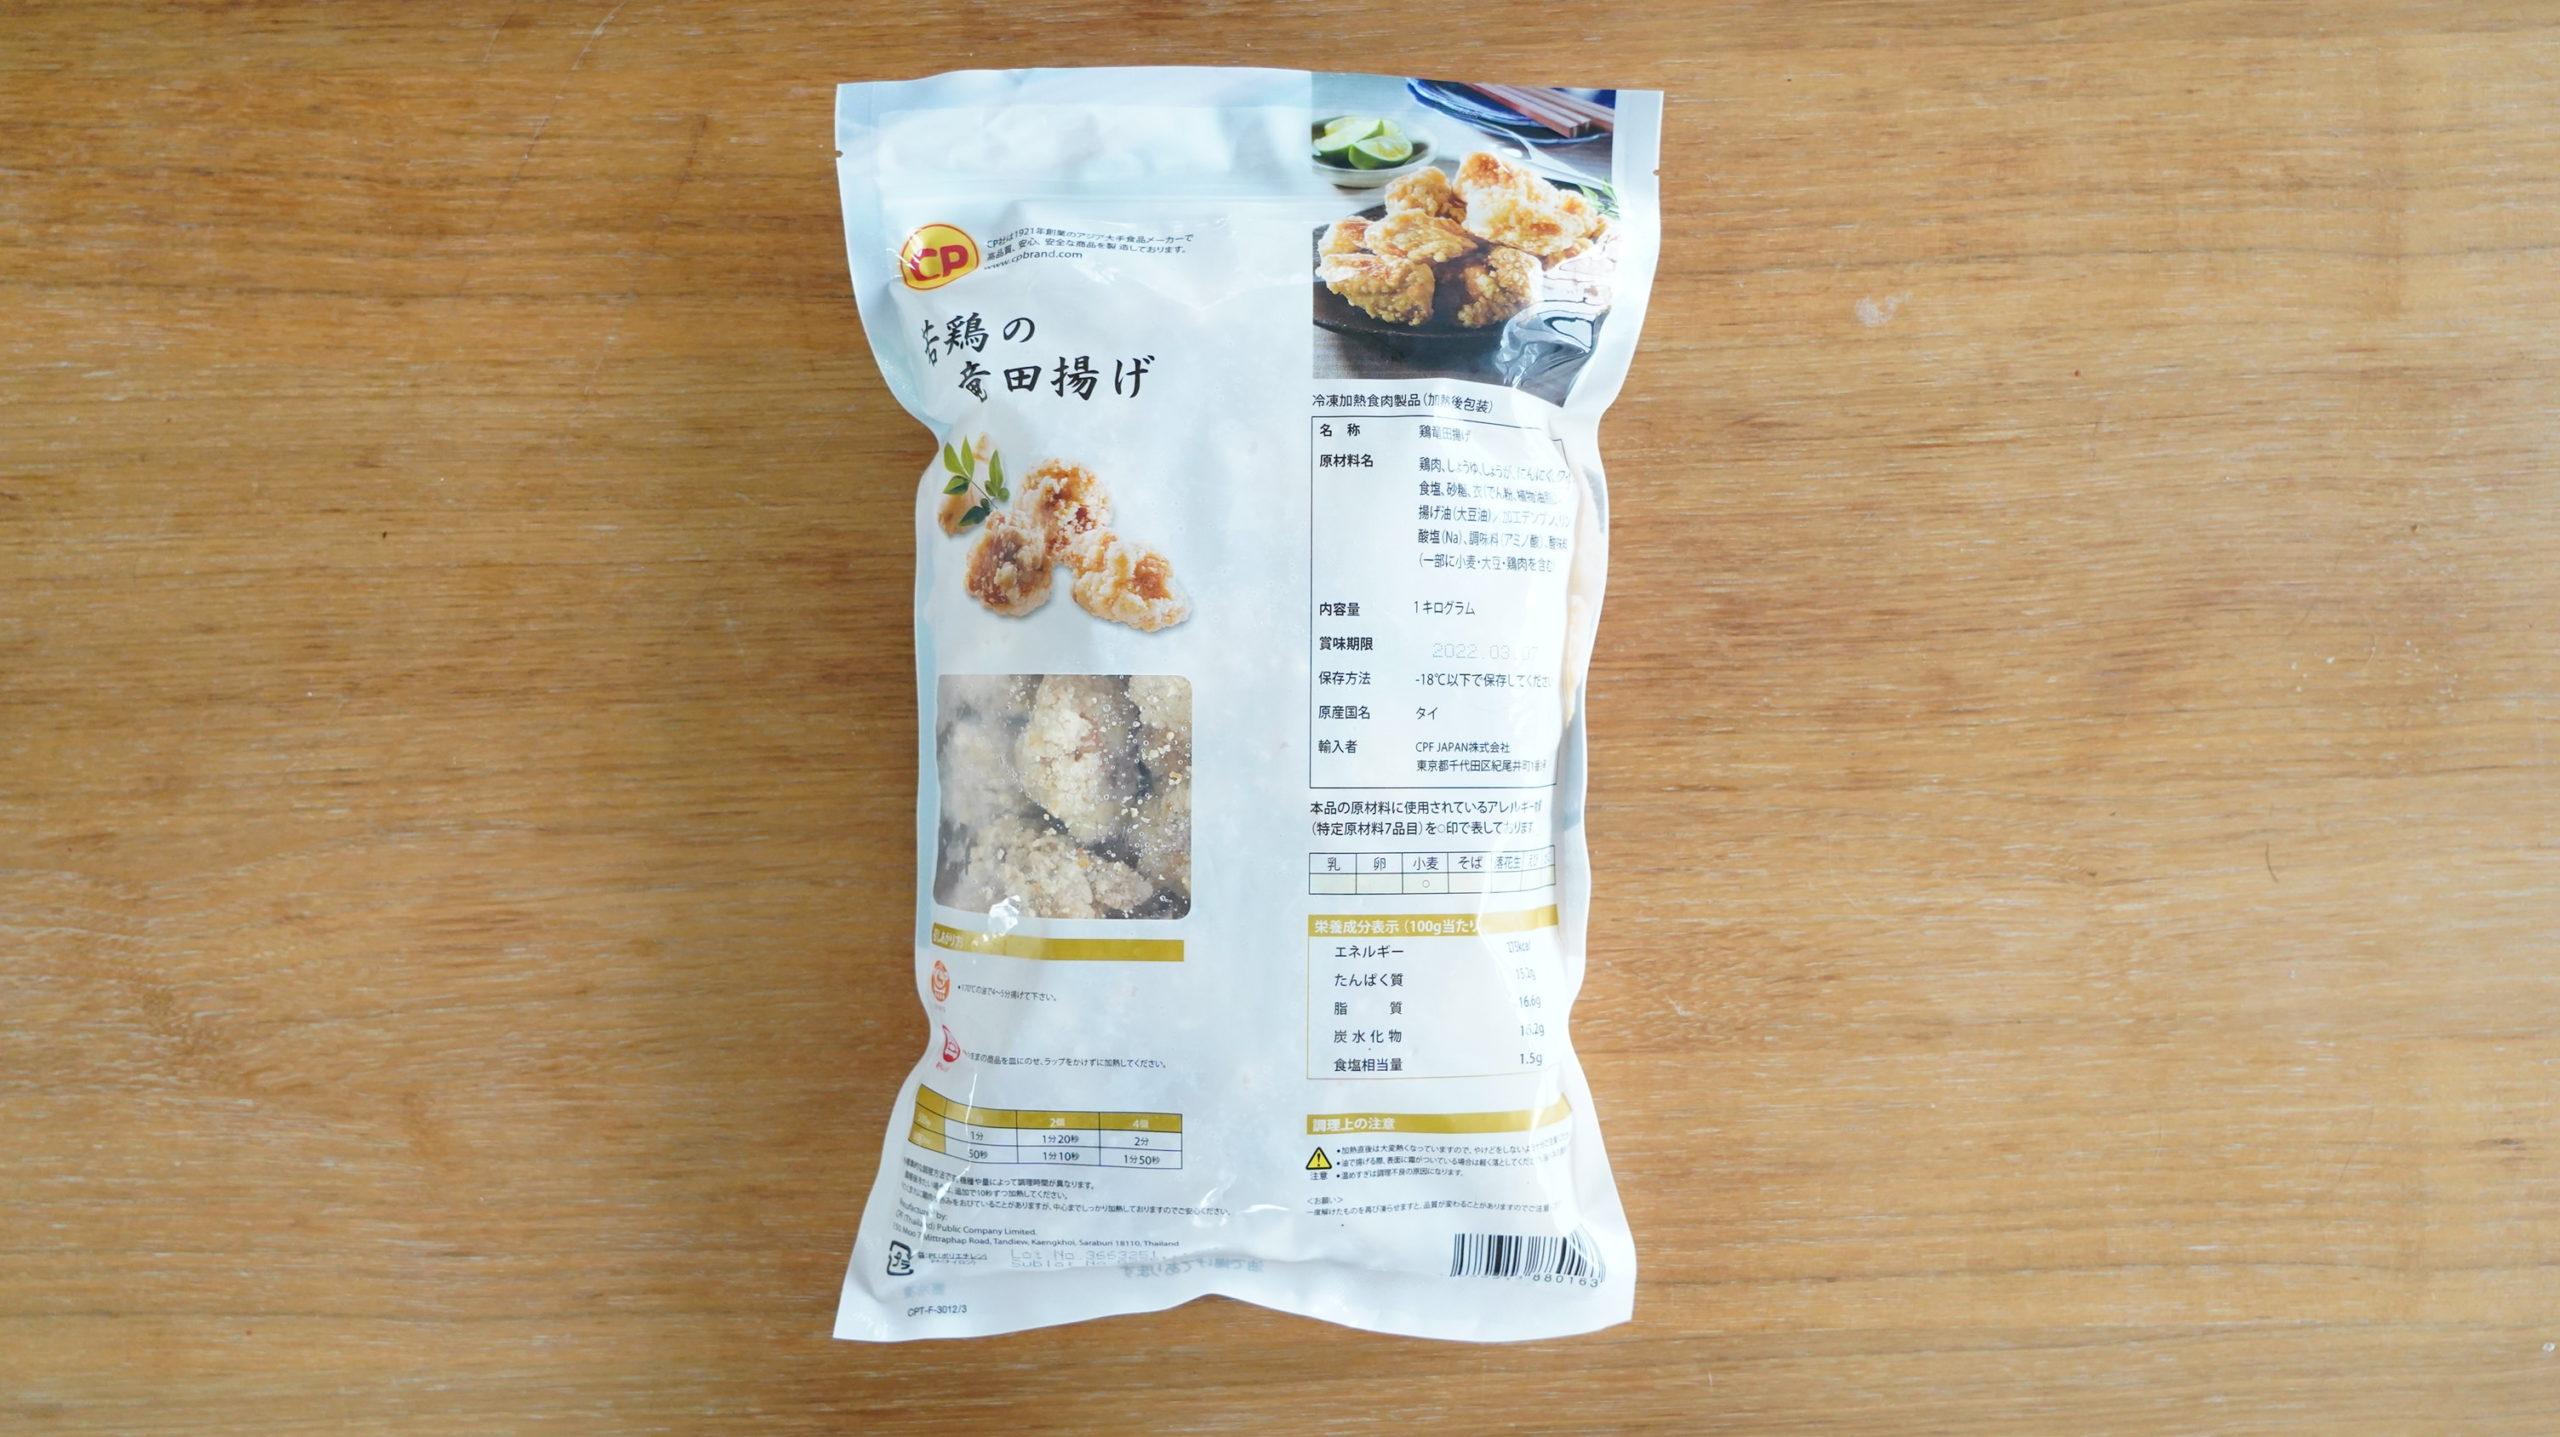 コストコの冷凍食品「CP 若鶏の竜田揚げ」のパッケージ裏面の写真